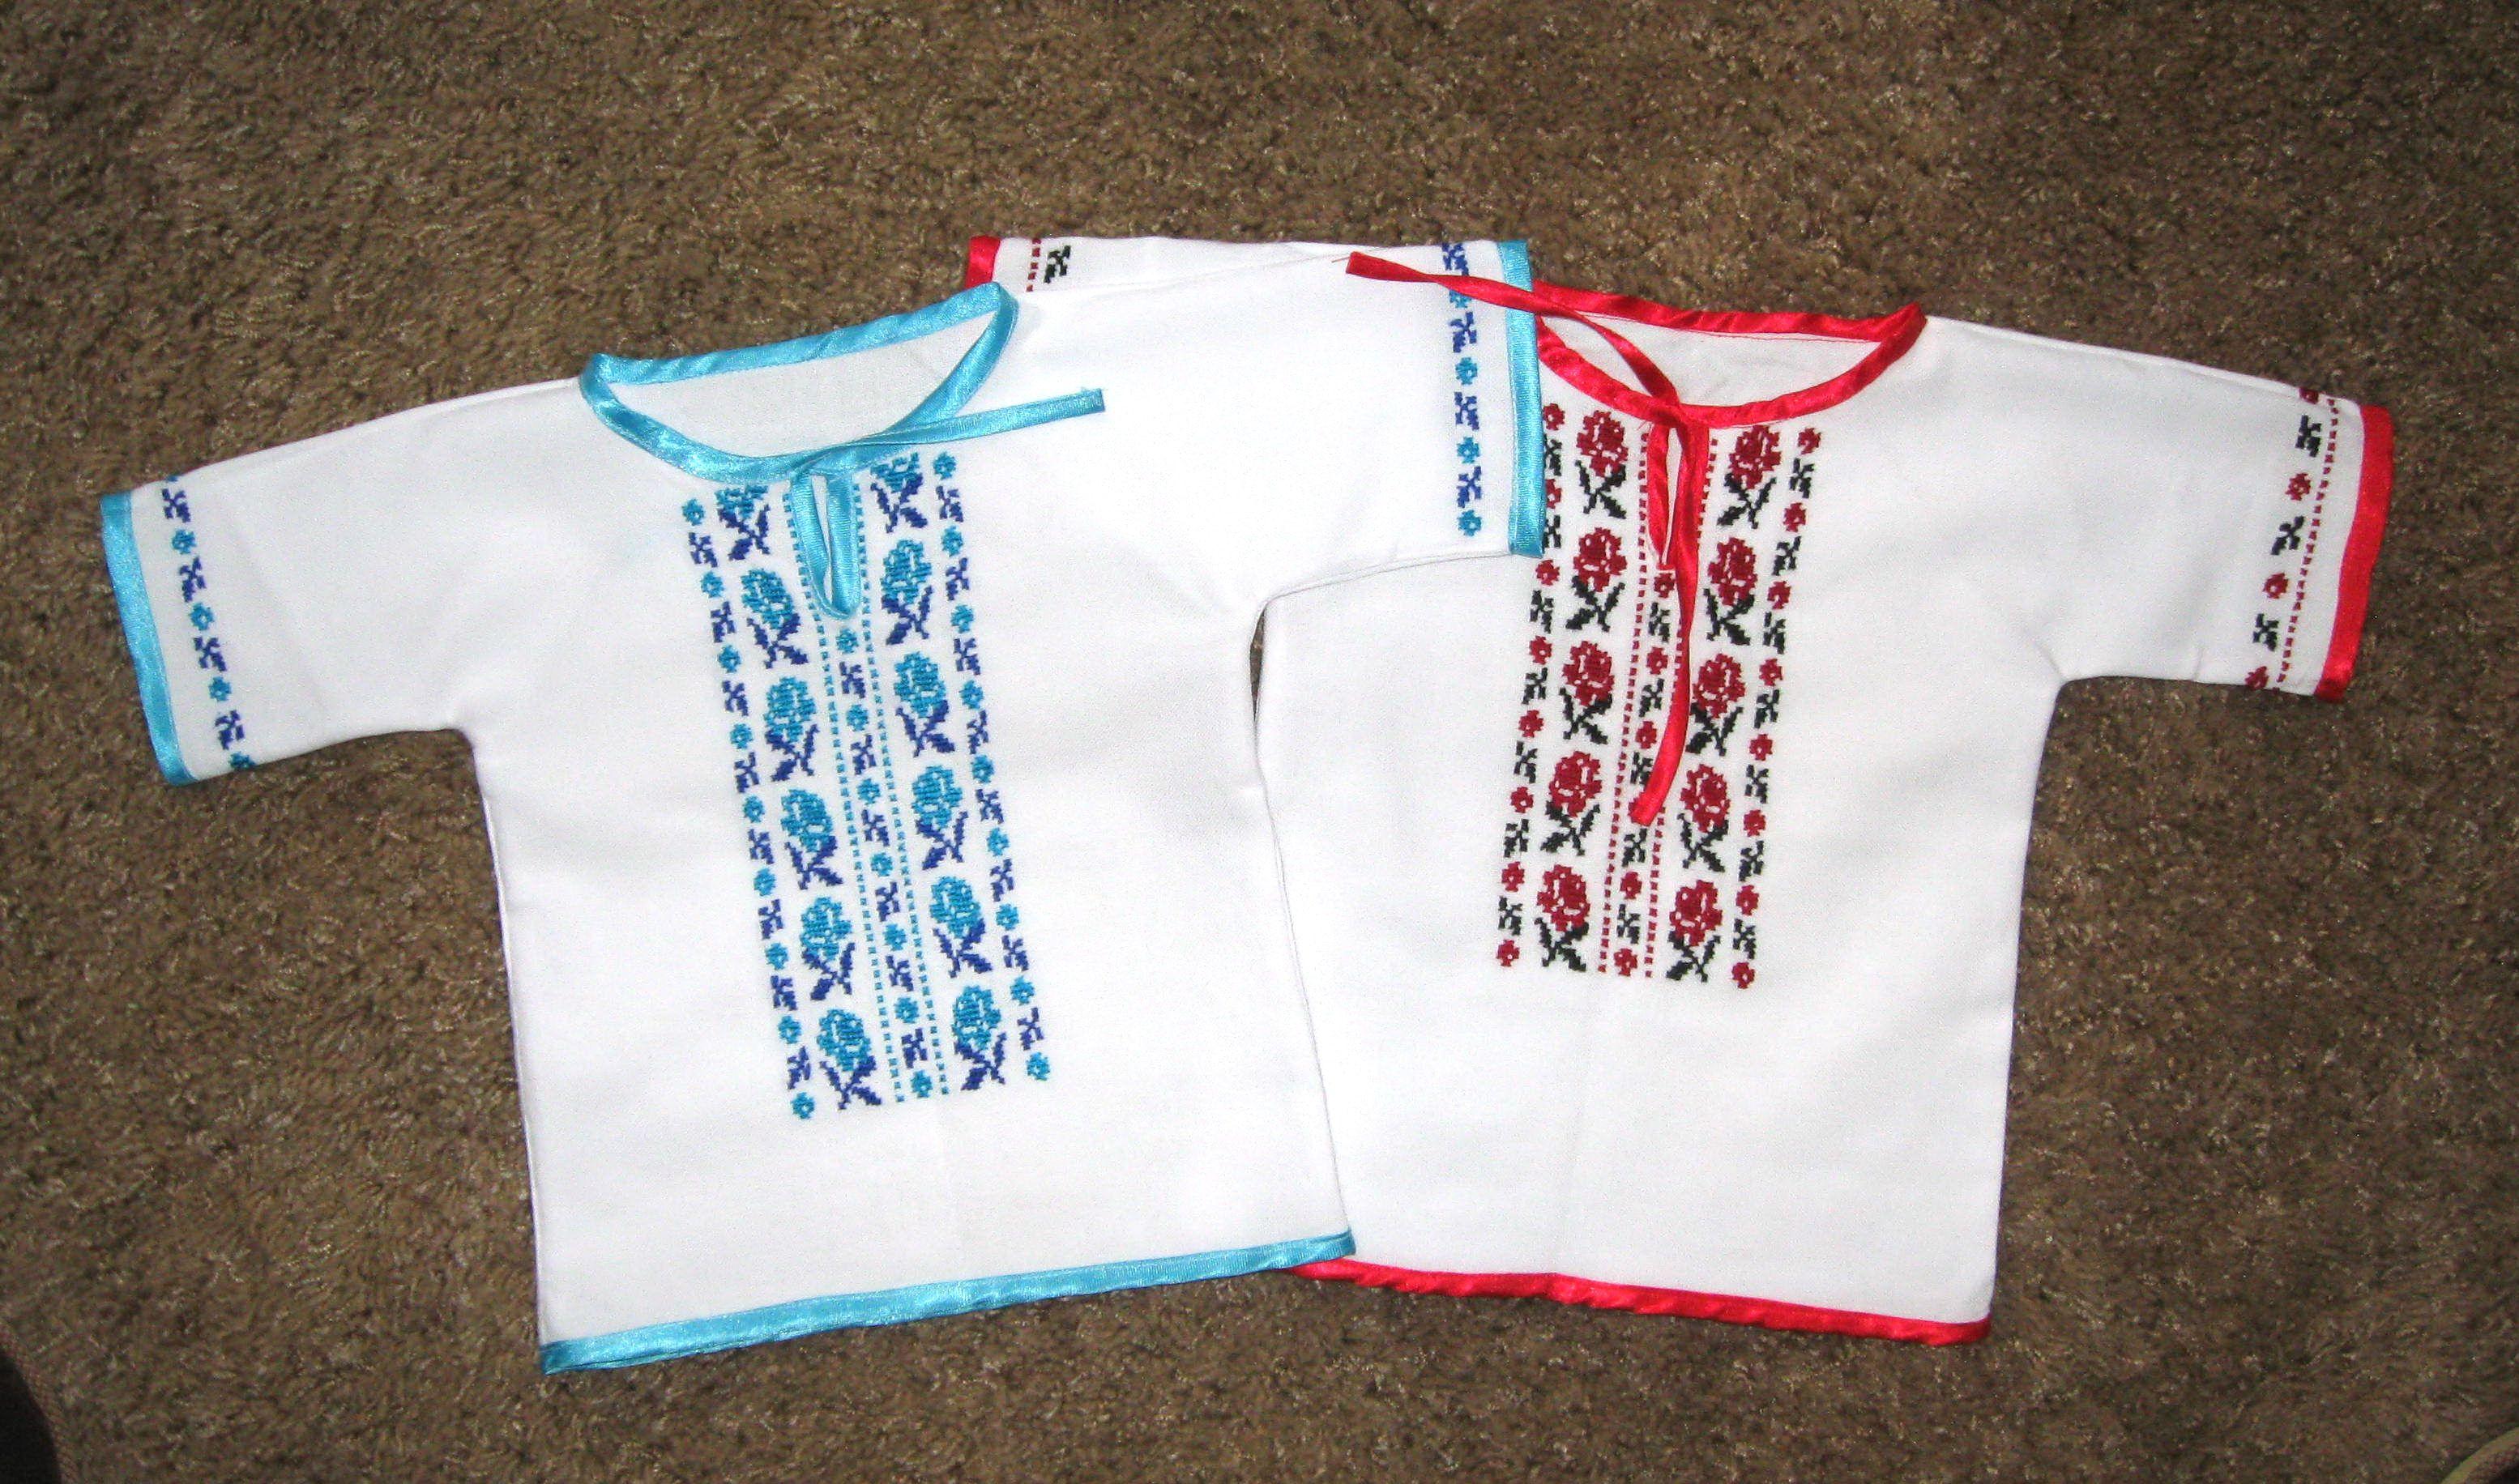 Украинская вышиванка своими руками. Фото, видео, схемы и узоры 6